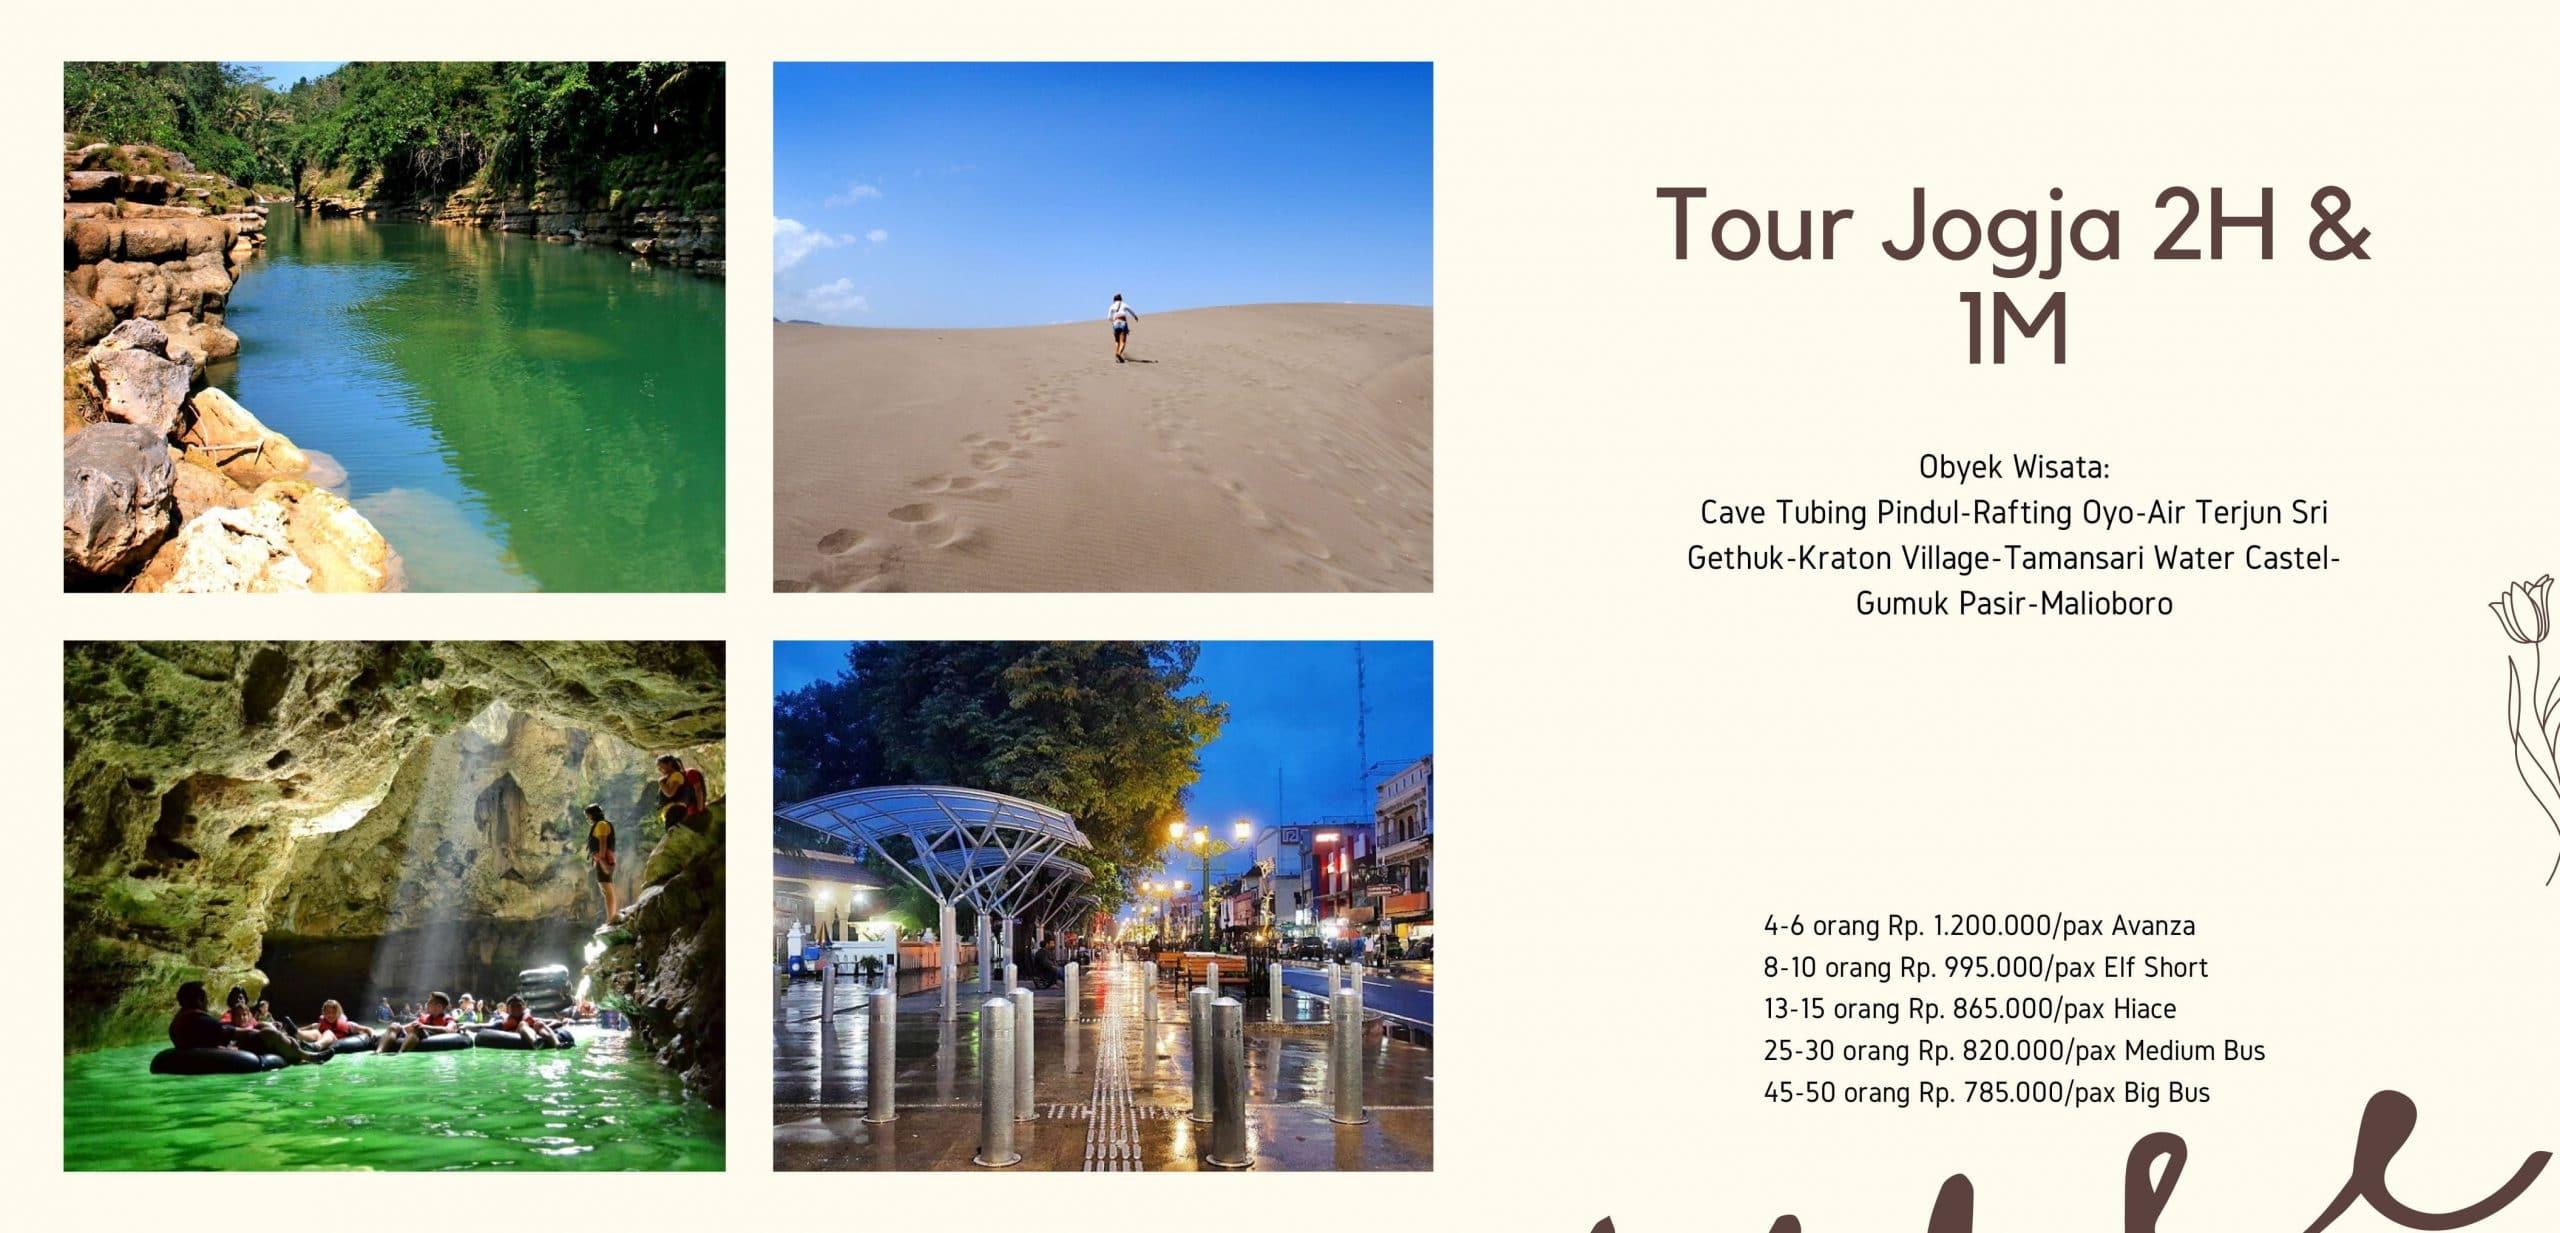 Paket Tour Yogyakarta 2H1M Dengan Kualitas Bagus dan Terpercaya